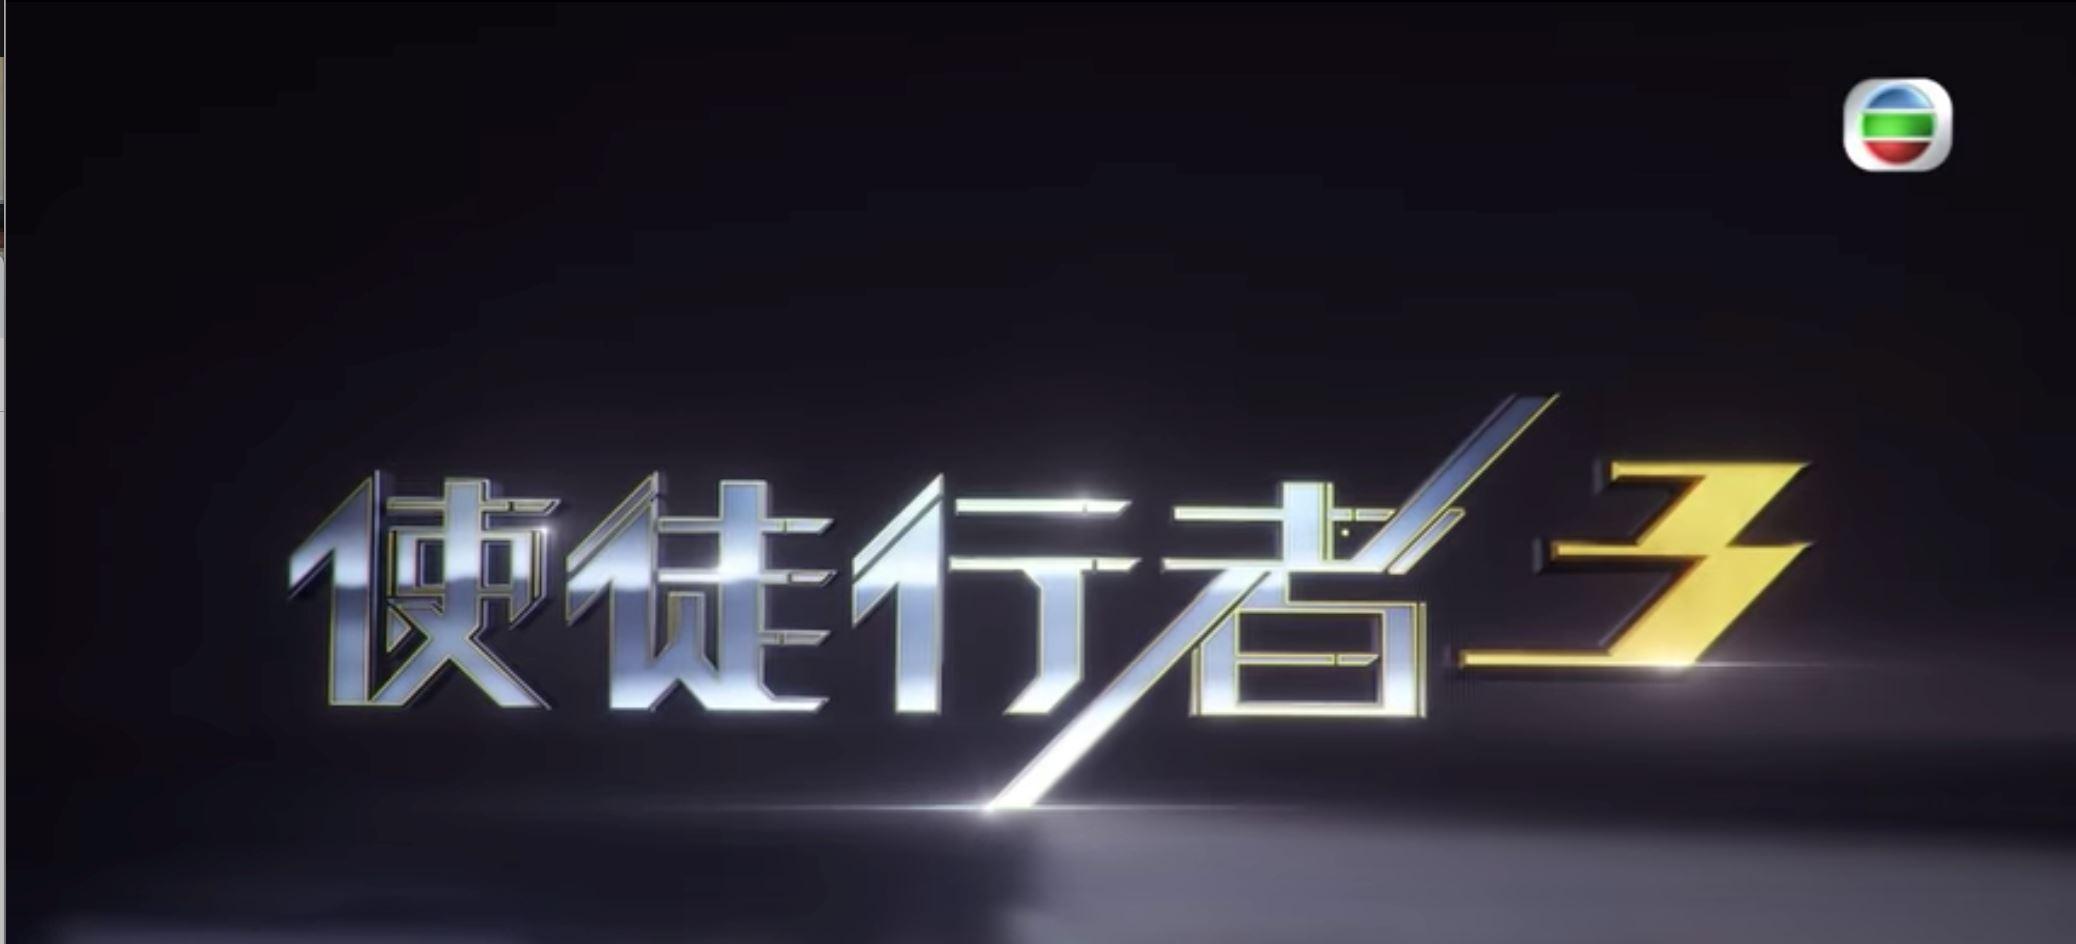 tvb 将在 2020 年播出的电视剧!每一部让人期待又兴奋!